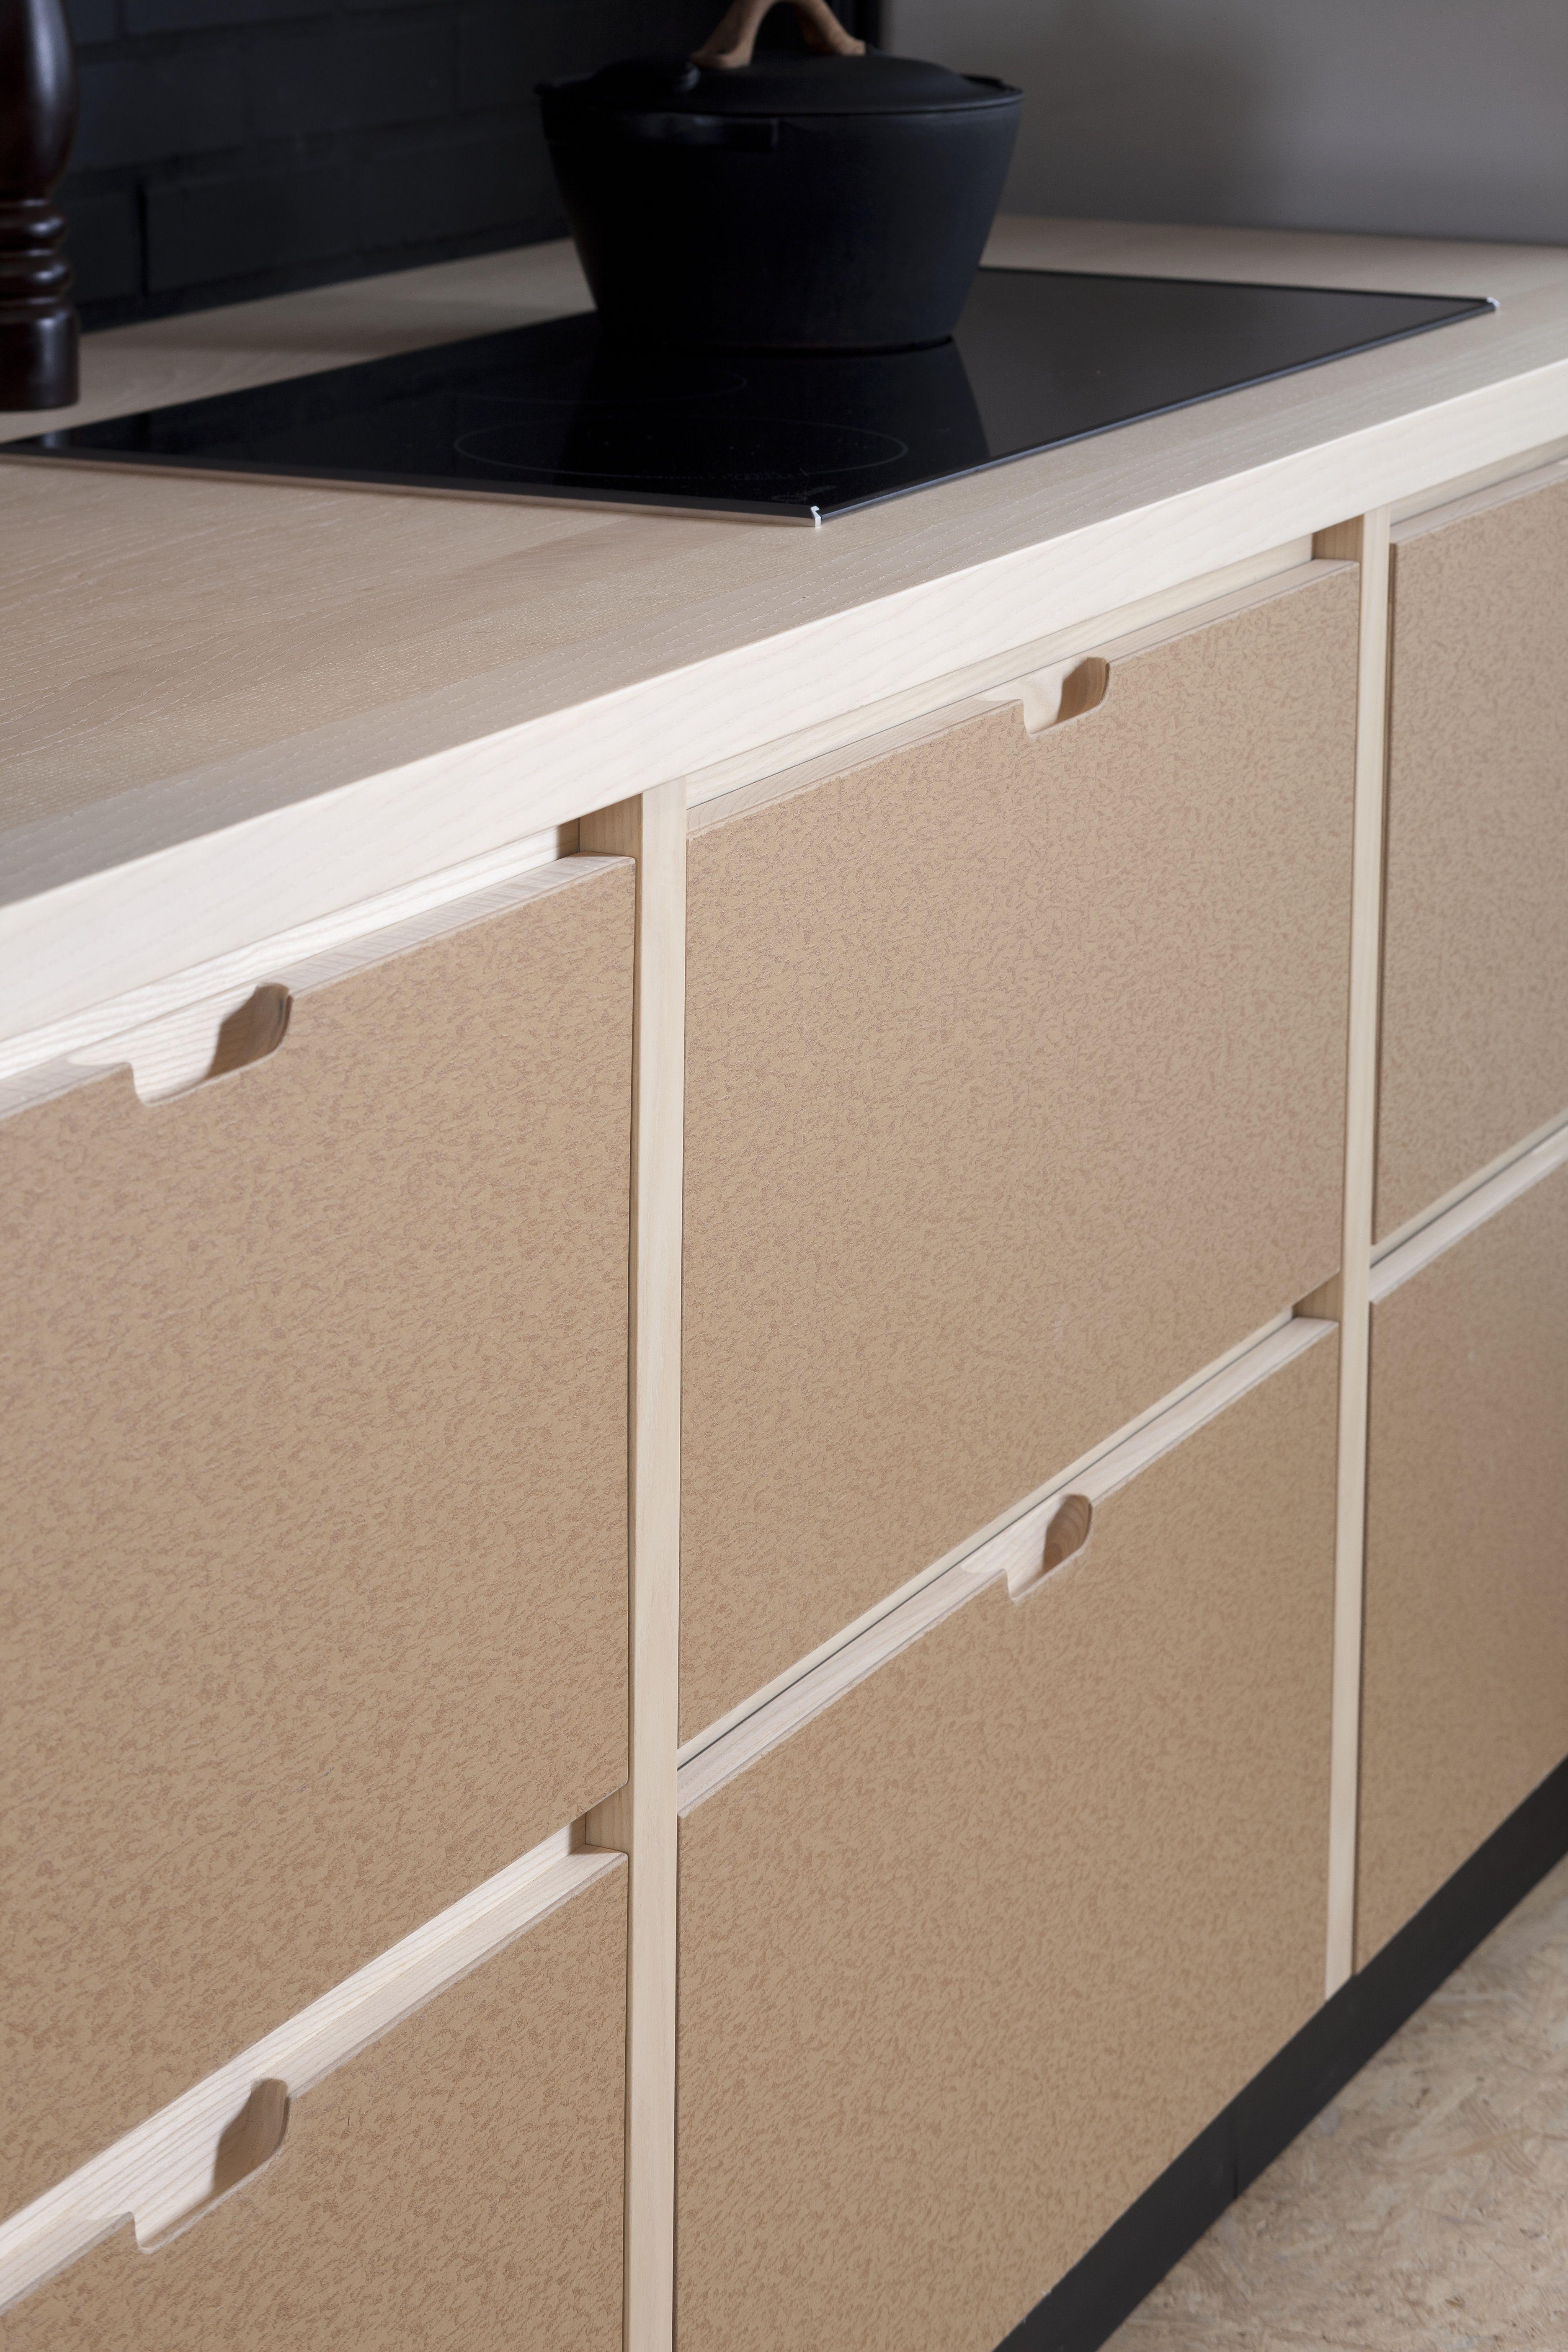 kjeldtoft k kken skuffe overflade desktop furniture linoleum forbo interi r. Black Bedroom Furniture Sets. Home Design Ideas